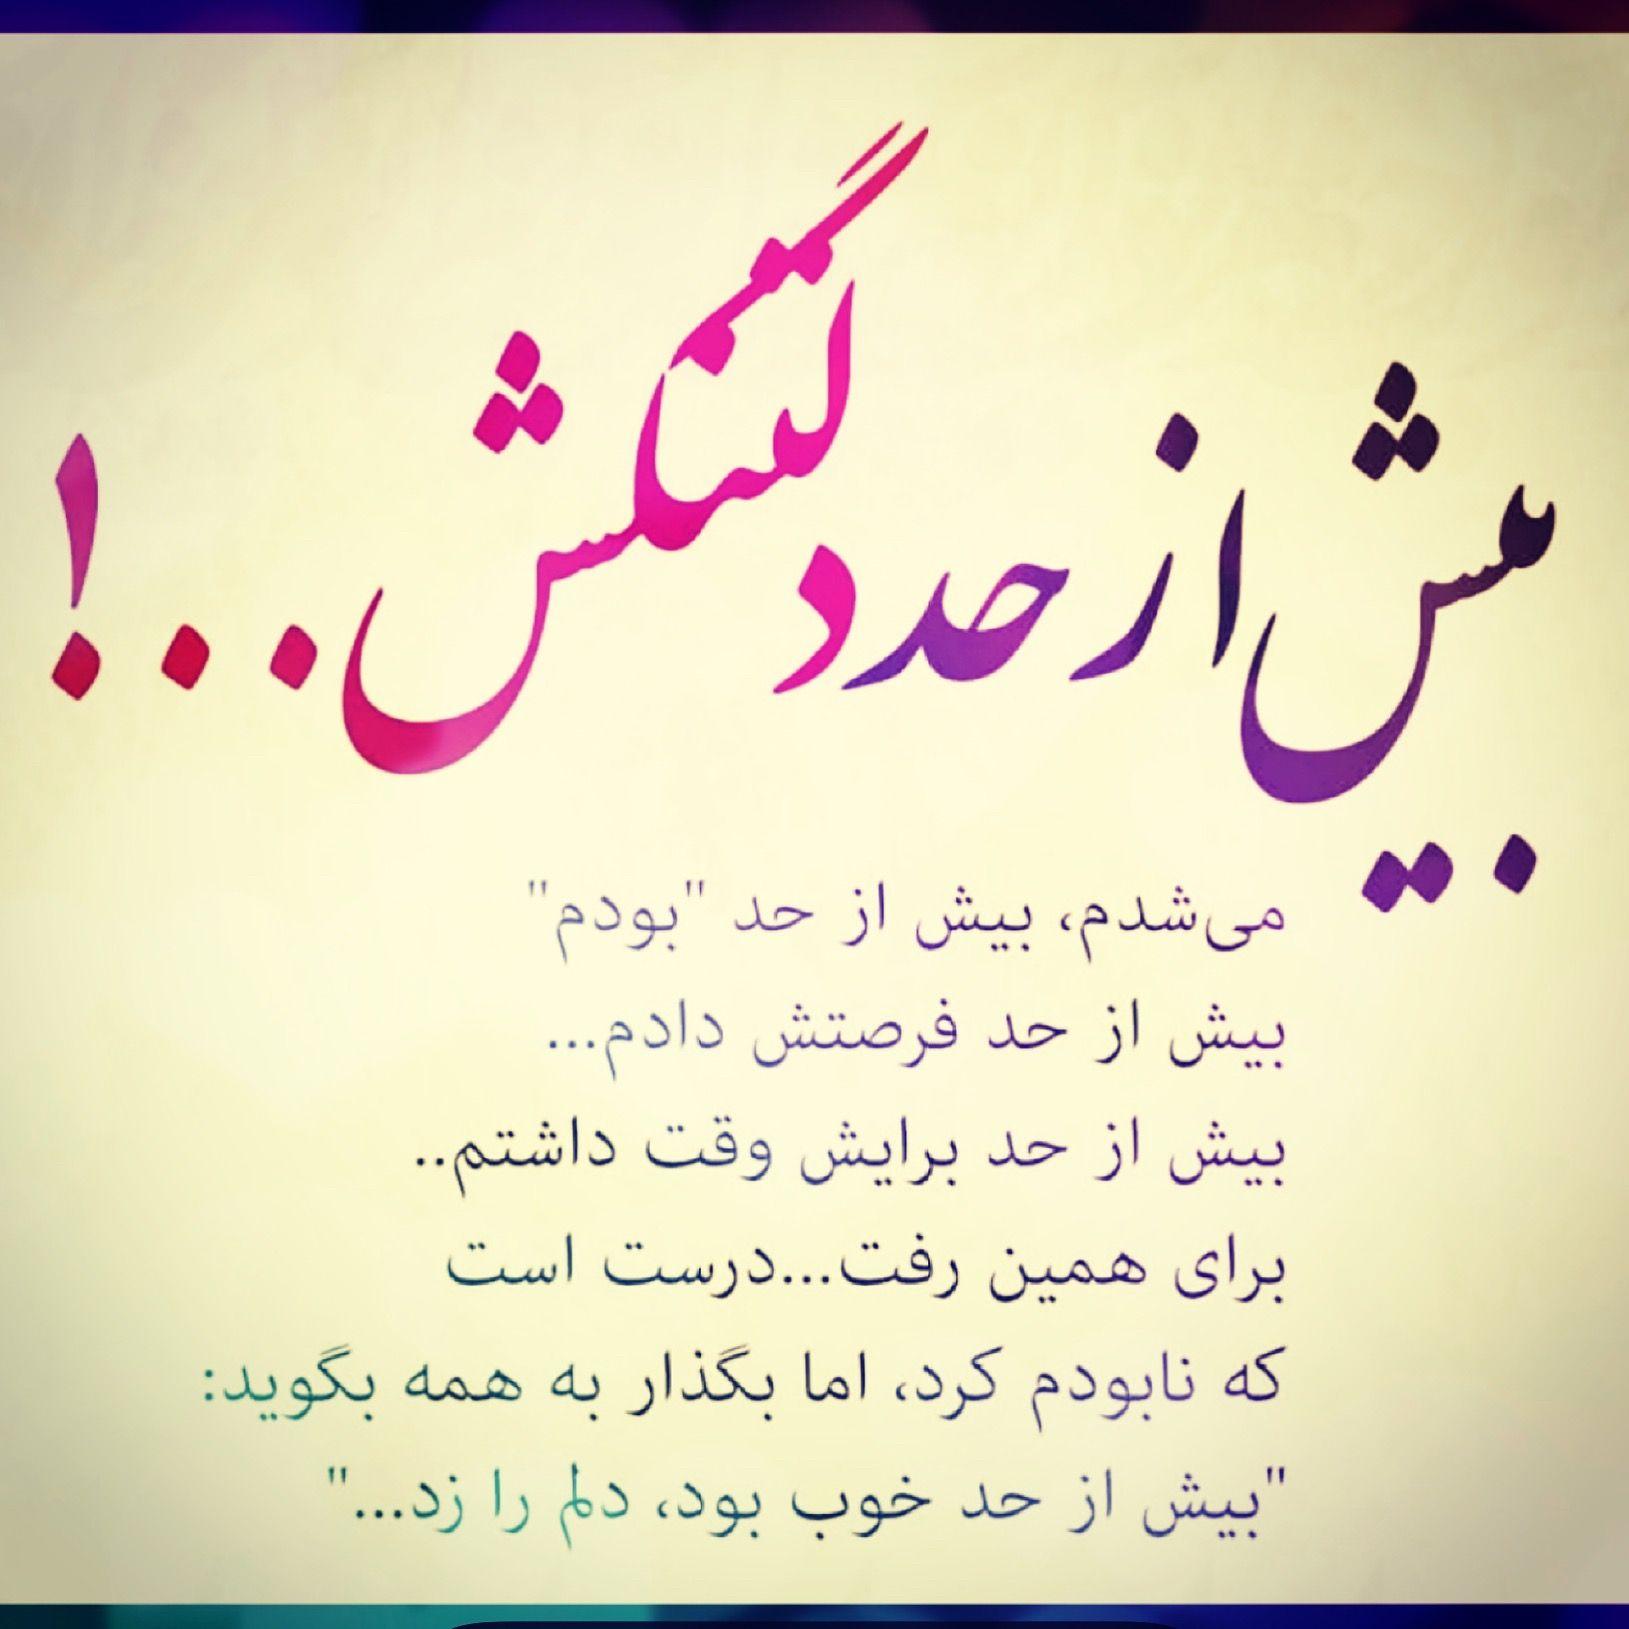 بیش از حد Persian Quotes Arabic Calligraphy Quotes